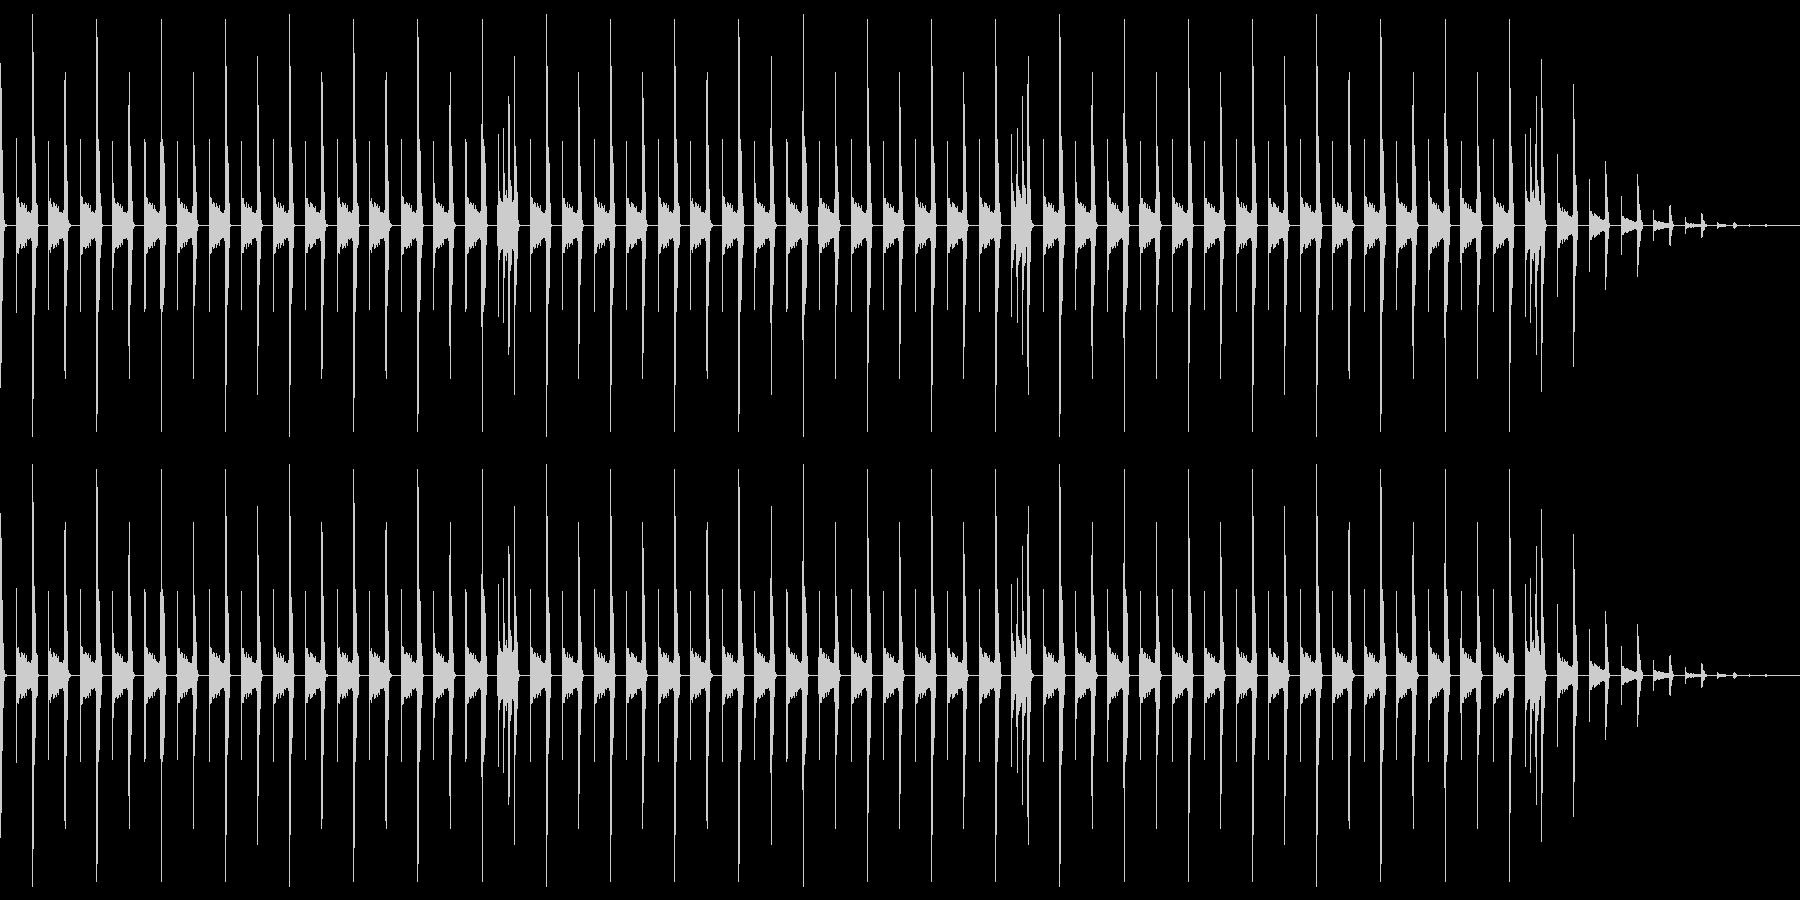 昔のパソコン音源を使ったリズムループの未再生の波形